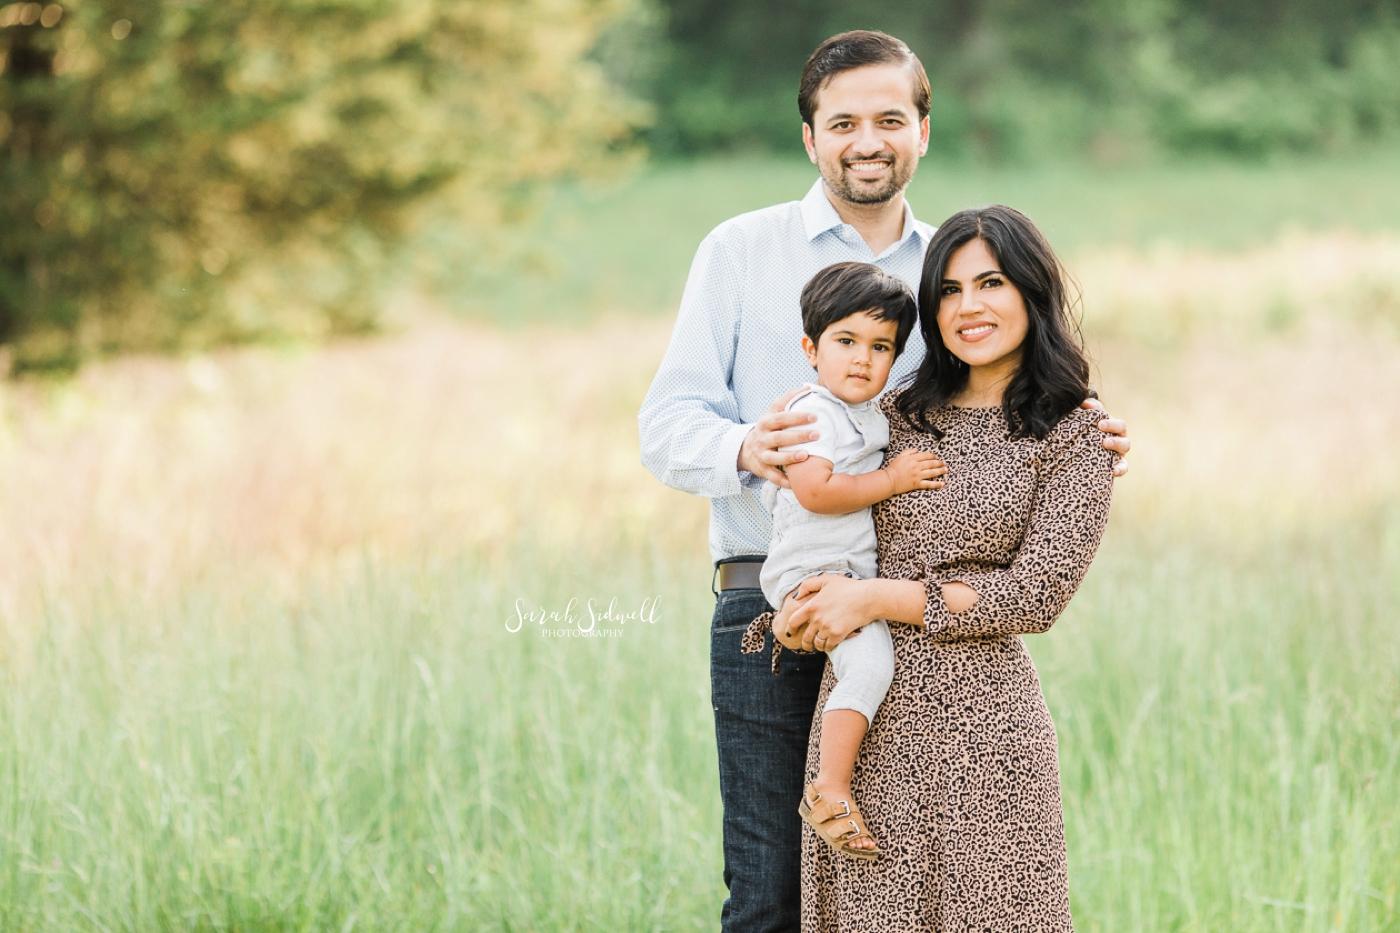 Nashville Family Photographer | Capturing the Best Light